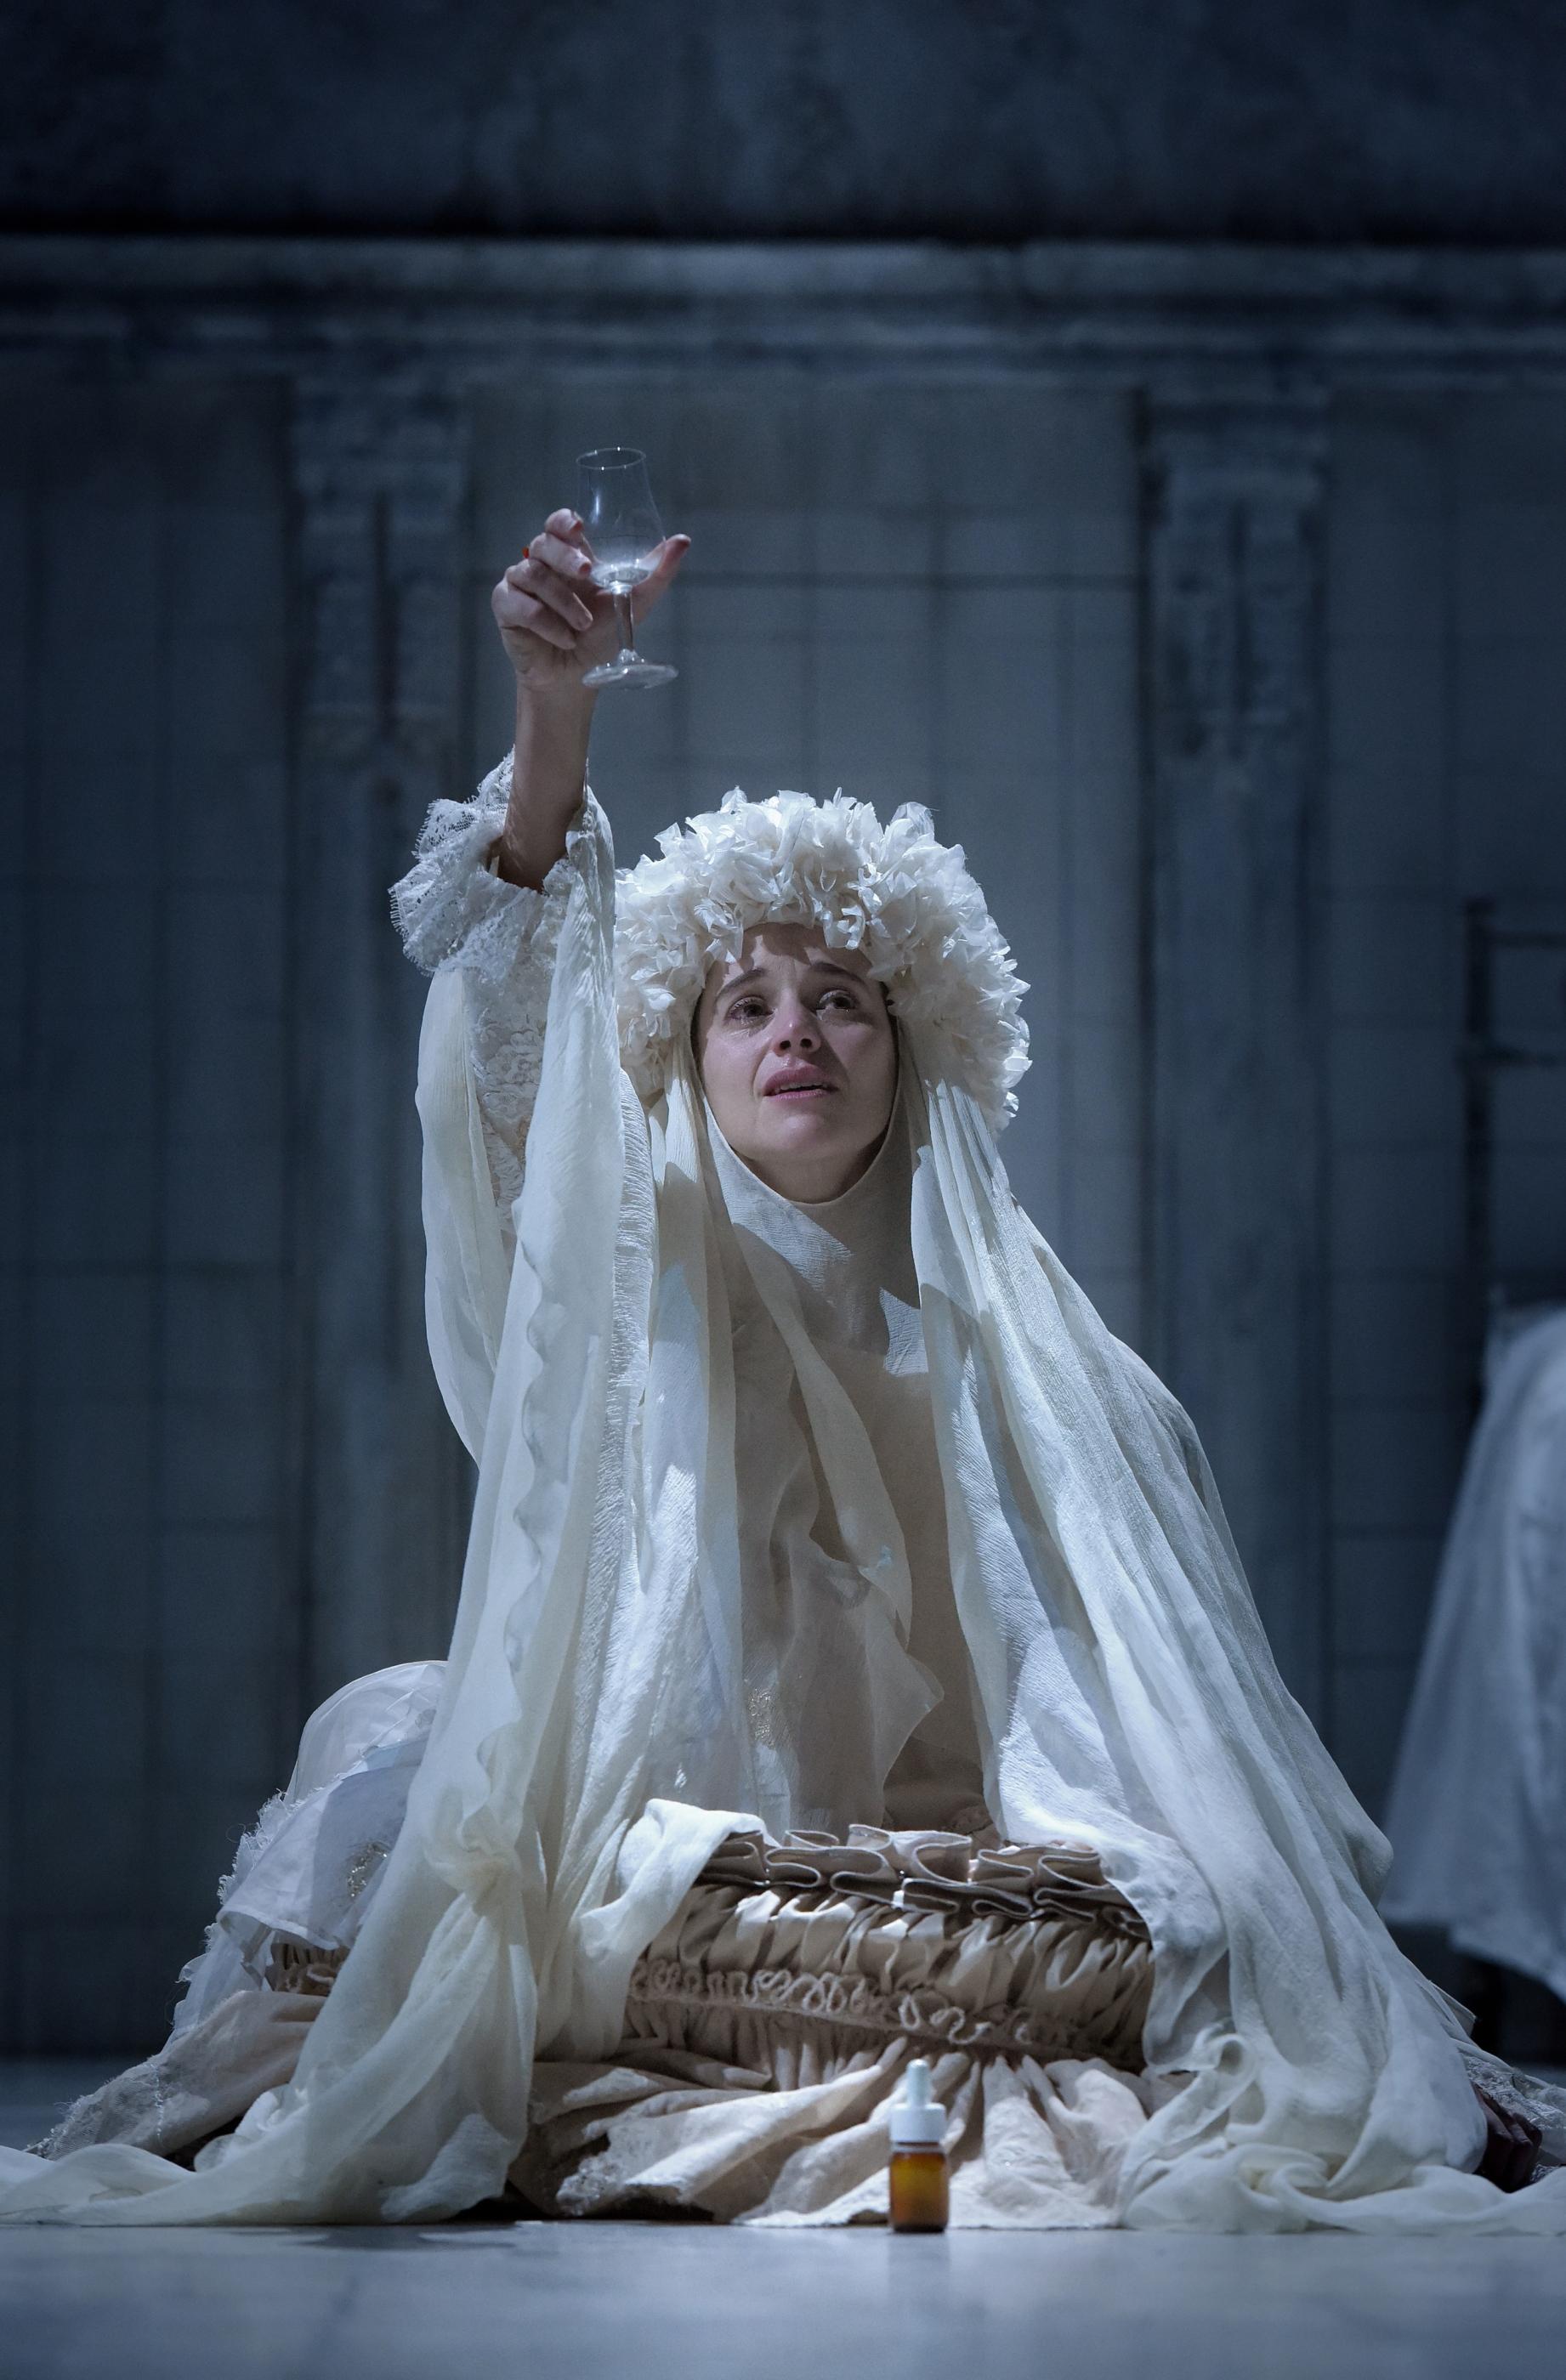 劇照:ROMEO ET JULIETTE - 《羅密歐與茱麗葉》